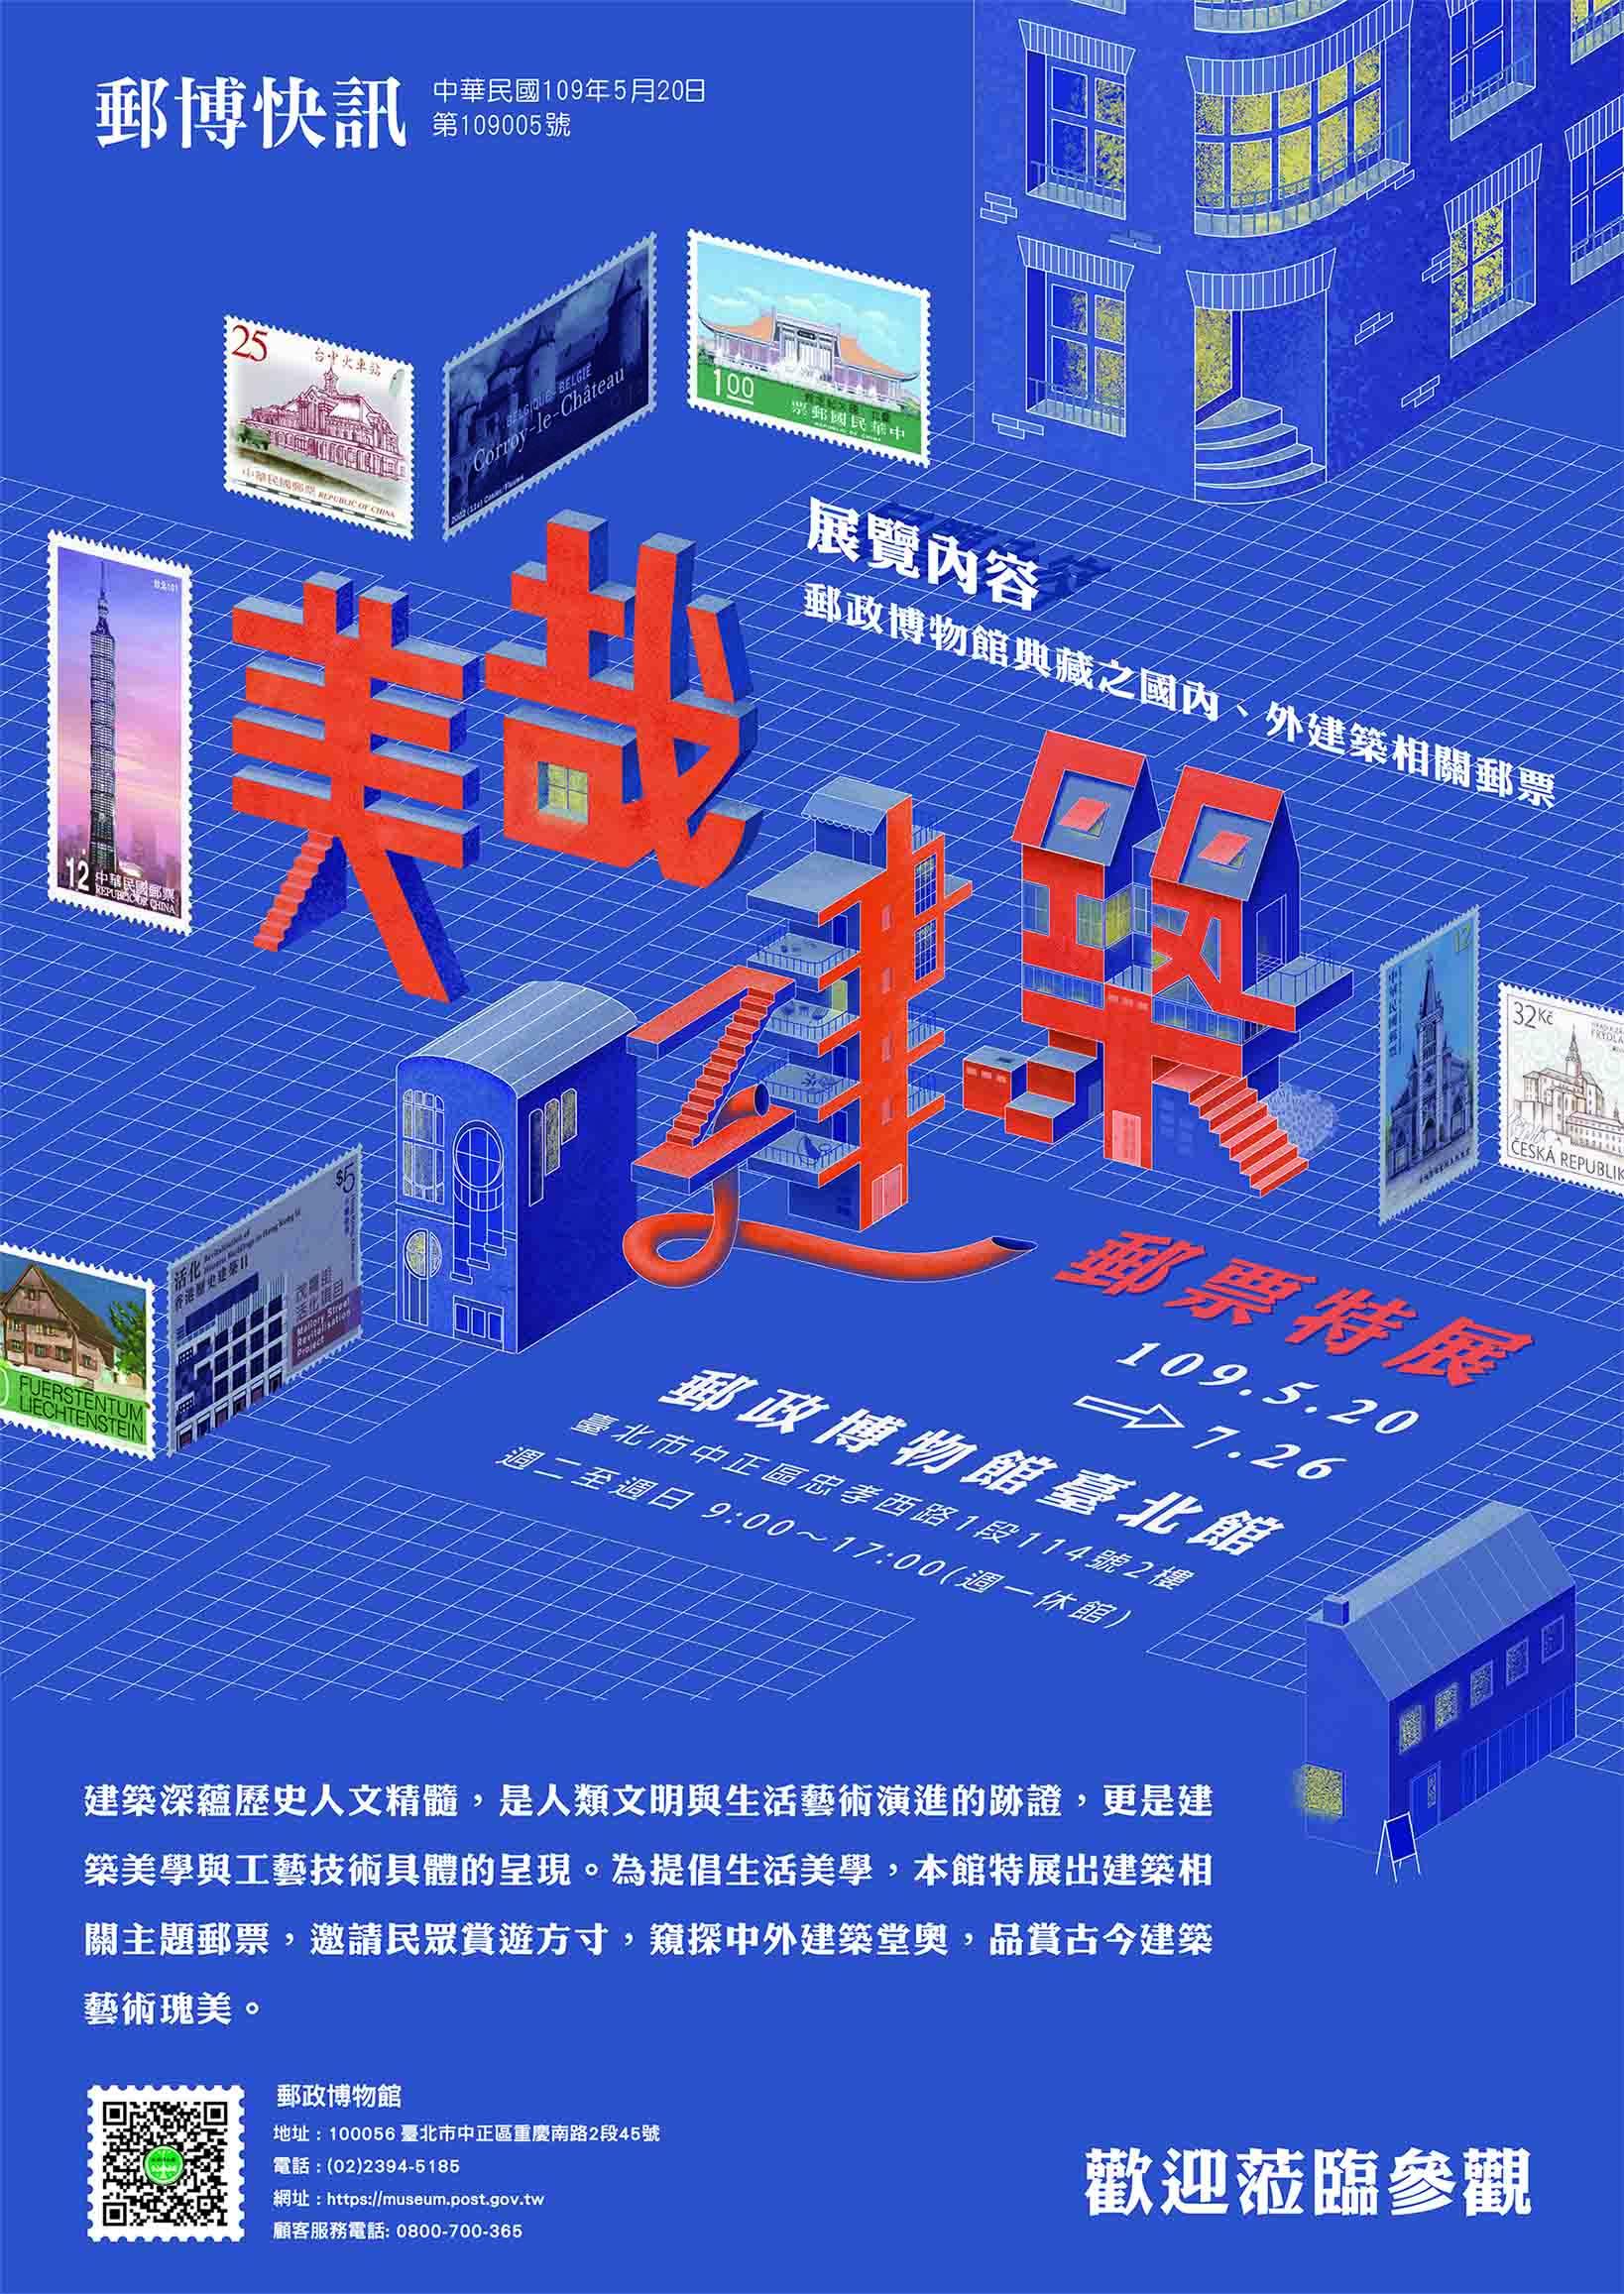 郵政博物館:2020/05/20-2020/07/26【美哉建築郵票特展】